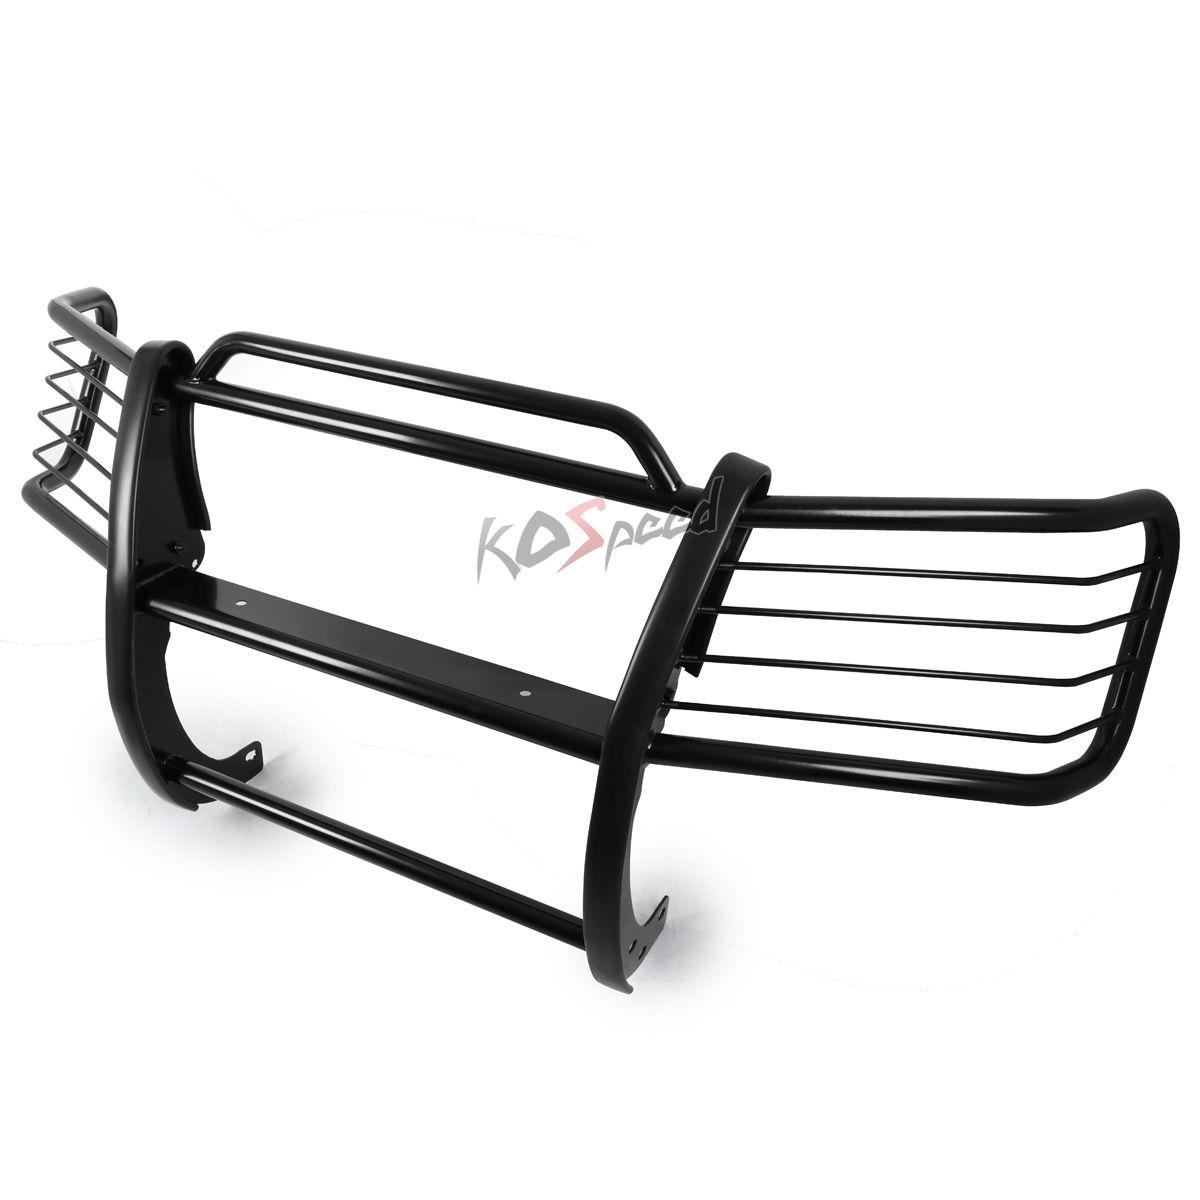 グリル 黒マイルドスチールブラシグリルガードフレームバー98-02パスポート/ロデオスポーツ Black Mild Steel Brush Grille Guard Frame Bar for 98-02 Passport/Rodeo Sport